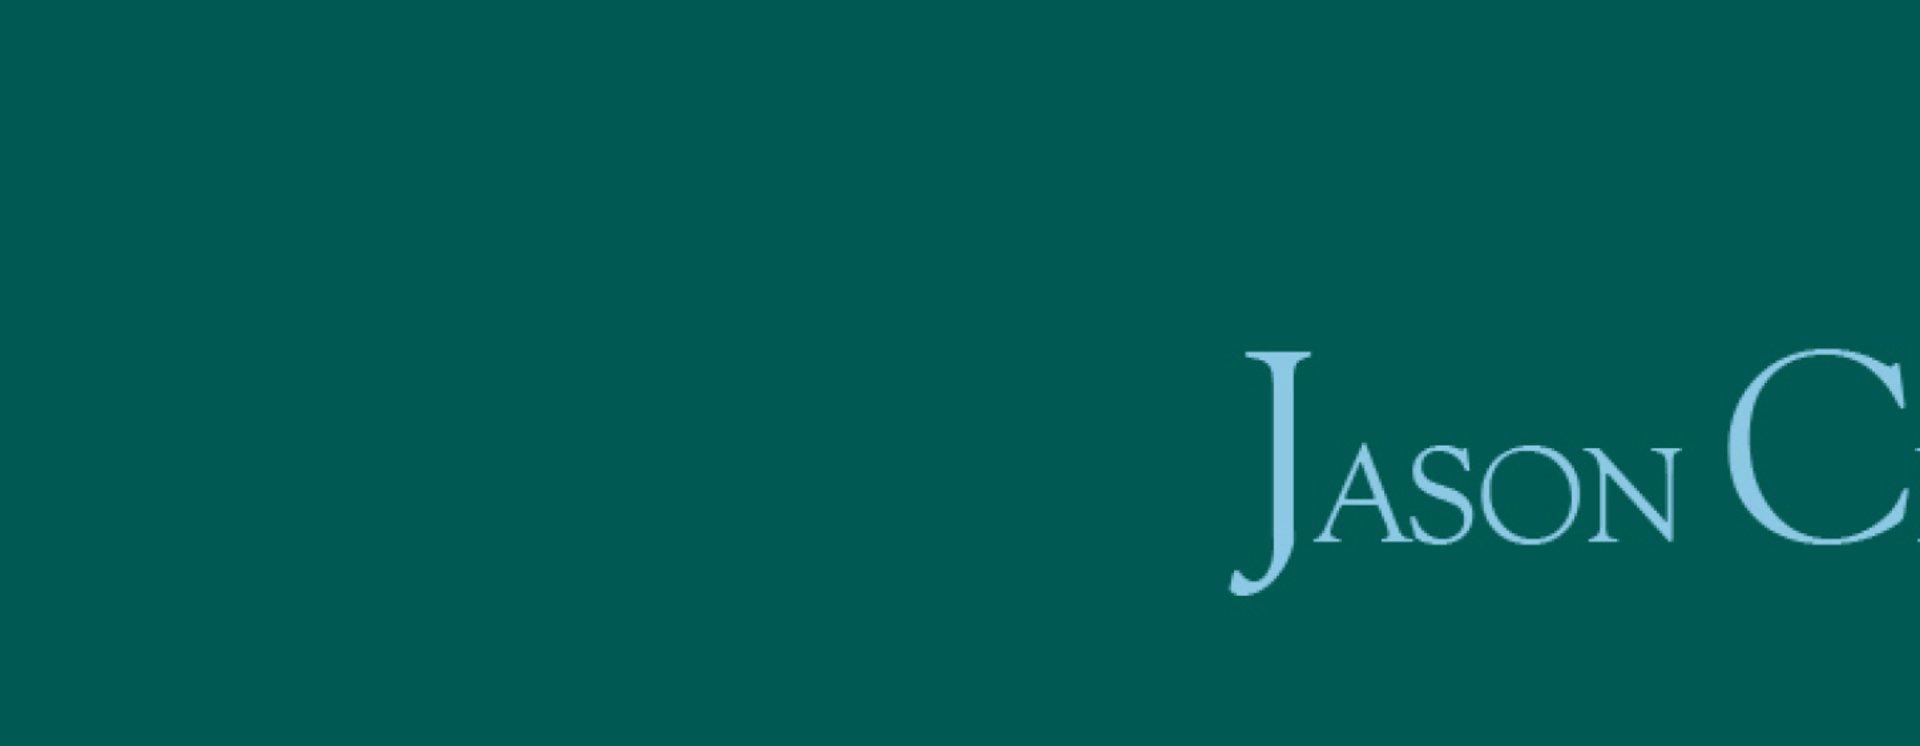 Jc copy